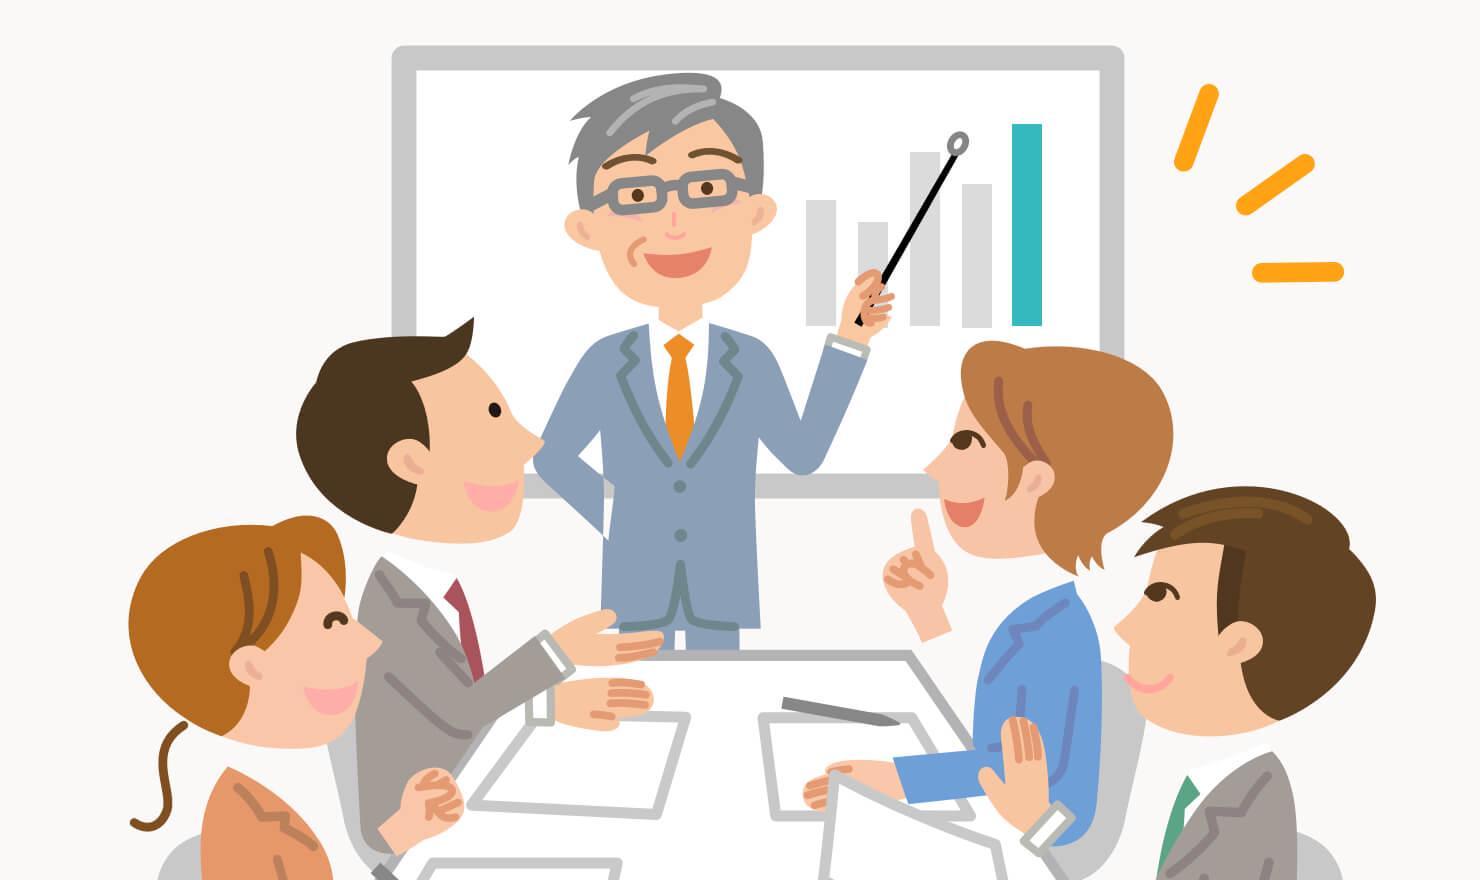 マネジメント経験って具体的には何?素朴な疑問を解決します!